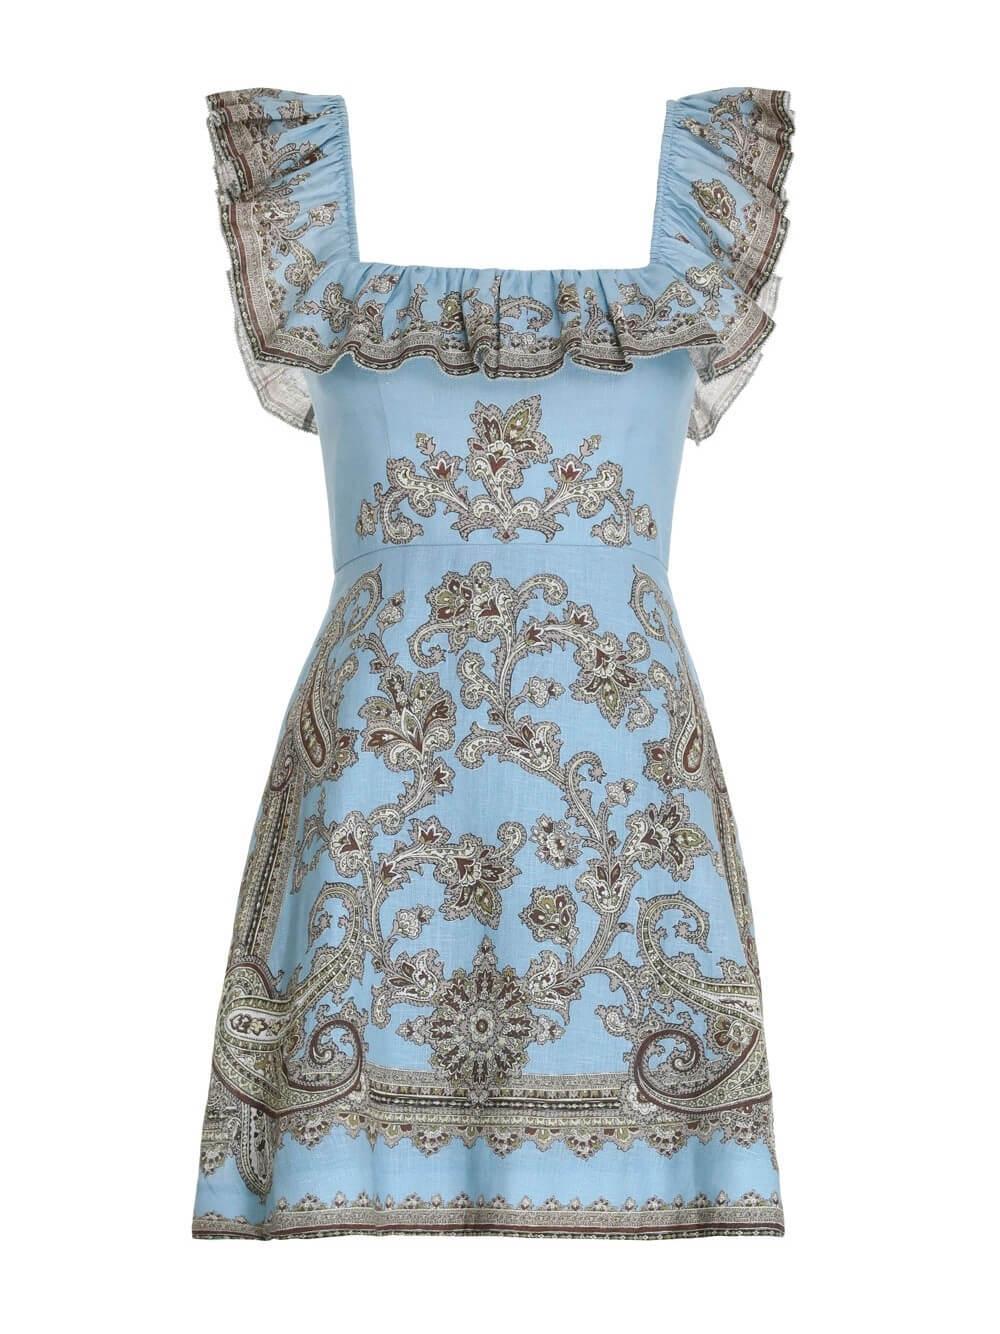 Fiesta Ruffle Neck Short Dress Item # 8330DFIE